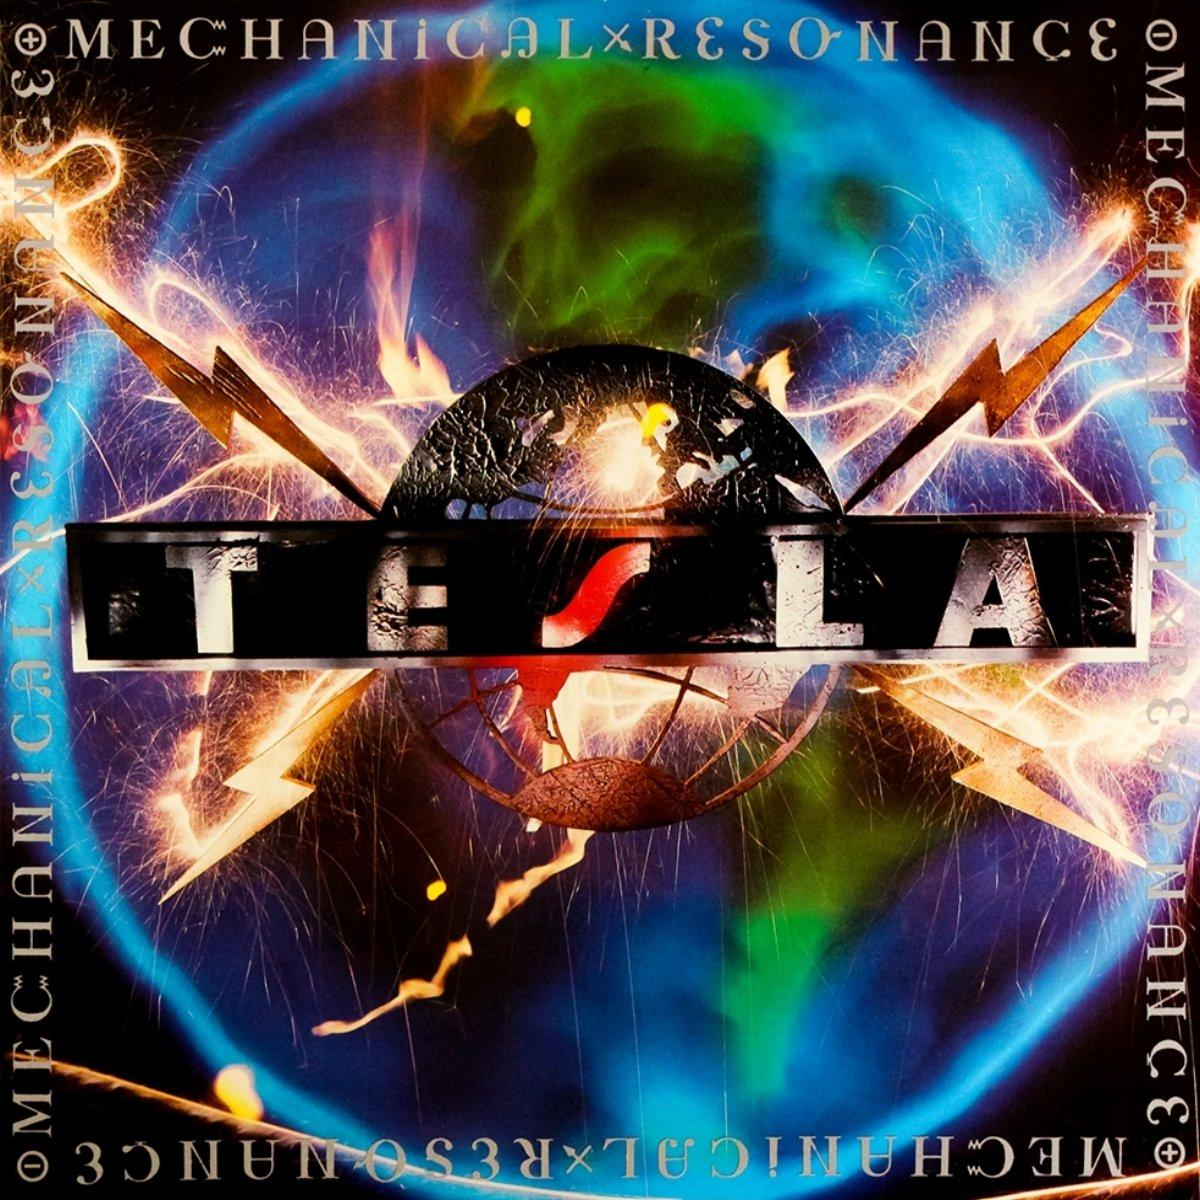 Tesla - Times Makin Changes - The Best Of Tesla[1995][320kbps]MP3-Music-Torrentz ((HOT)) 2815260